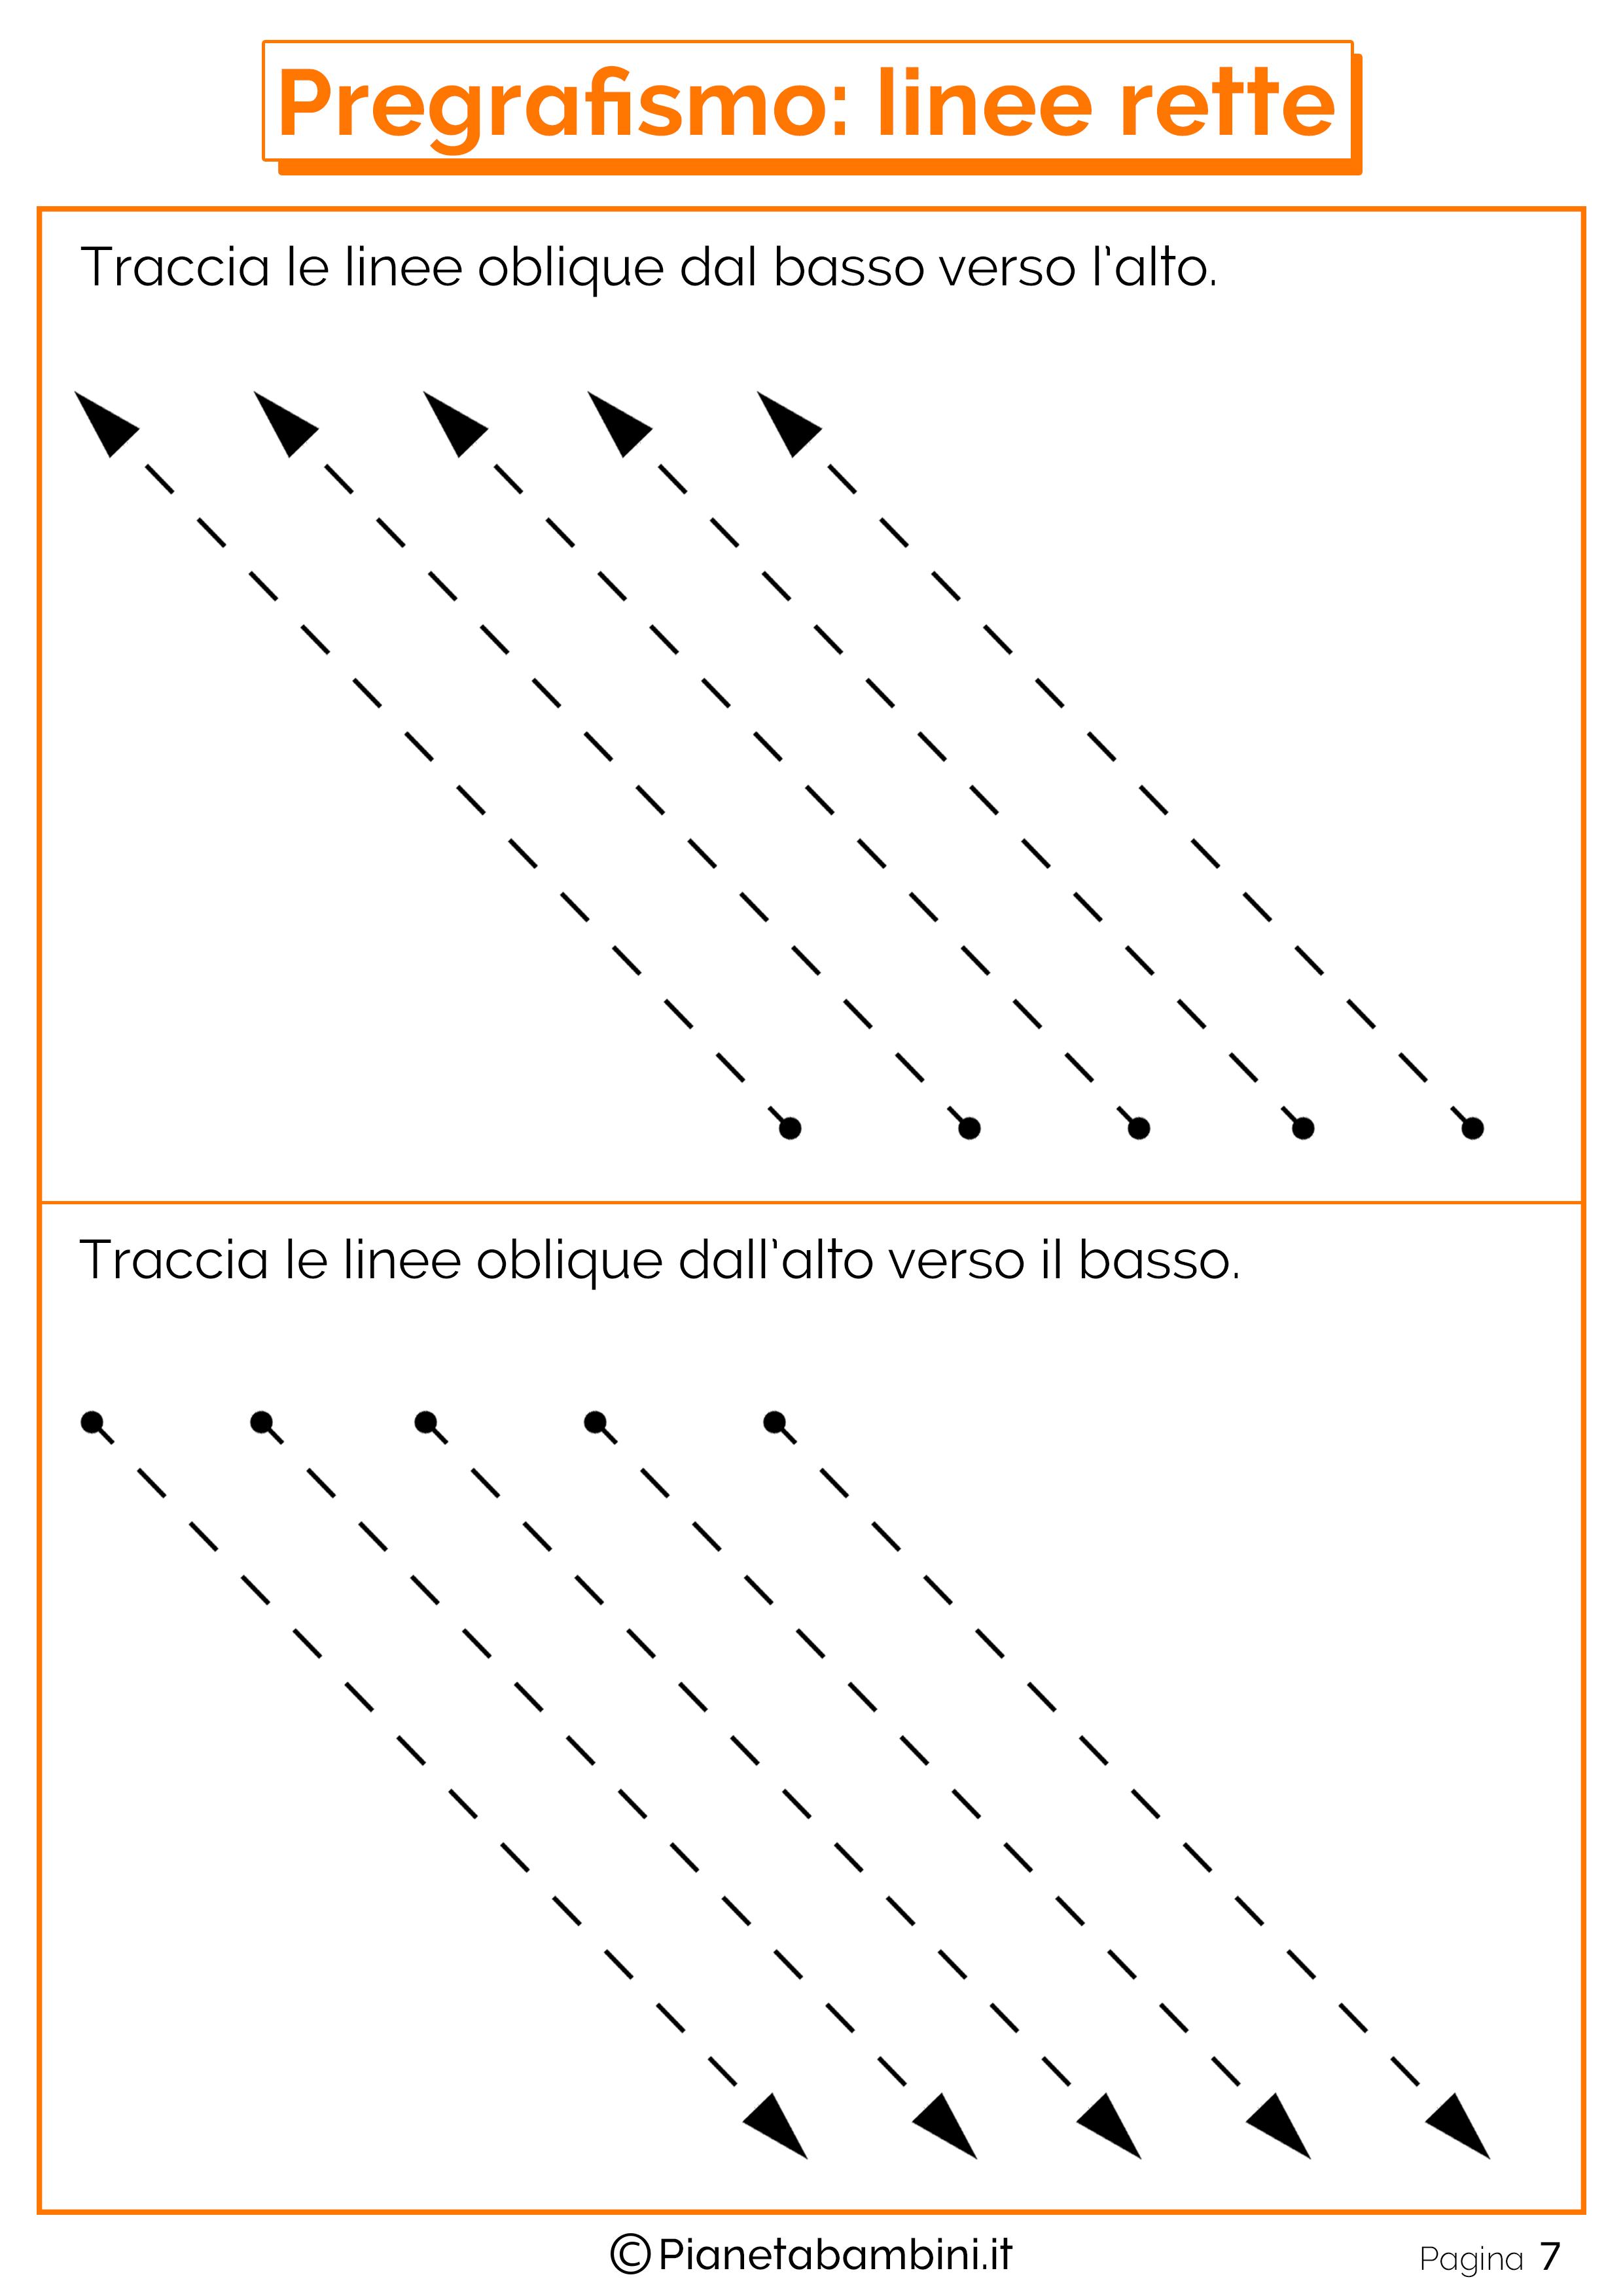 Pregrafismo-Linee-Rette_07